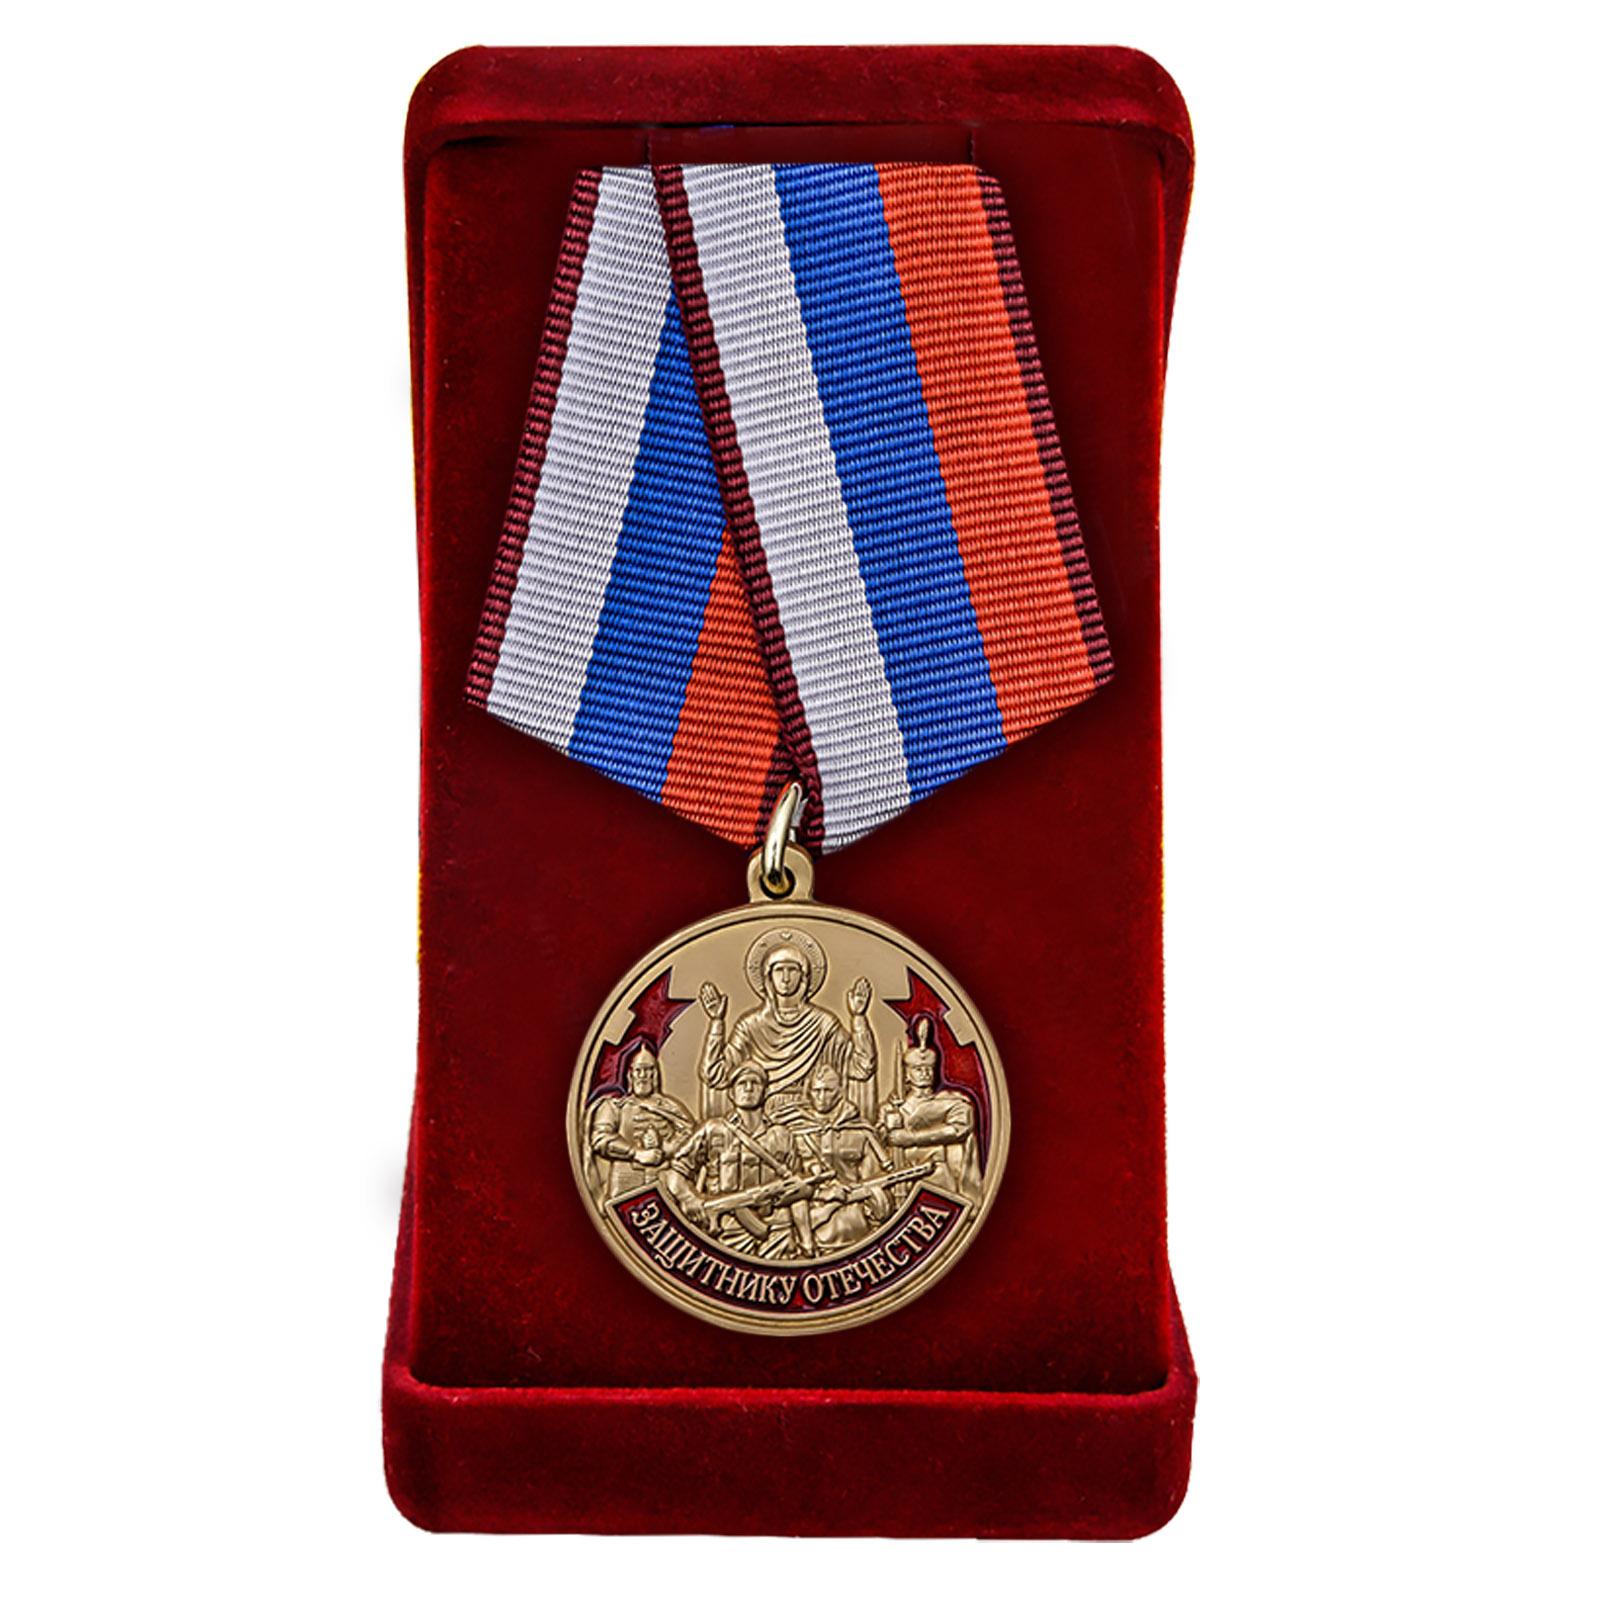 Купить наградную медаль Защитнику Отечества 23 февраля в подарок